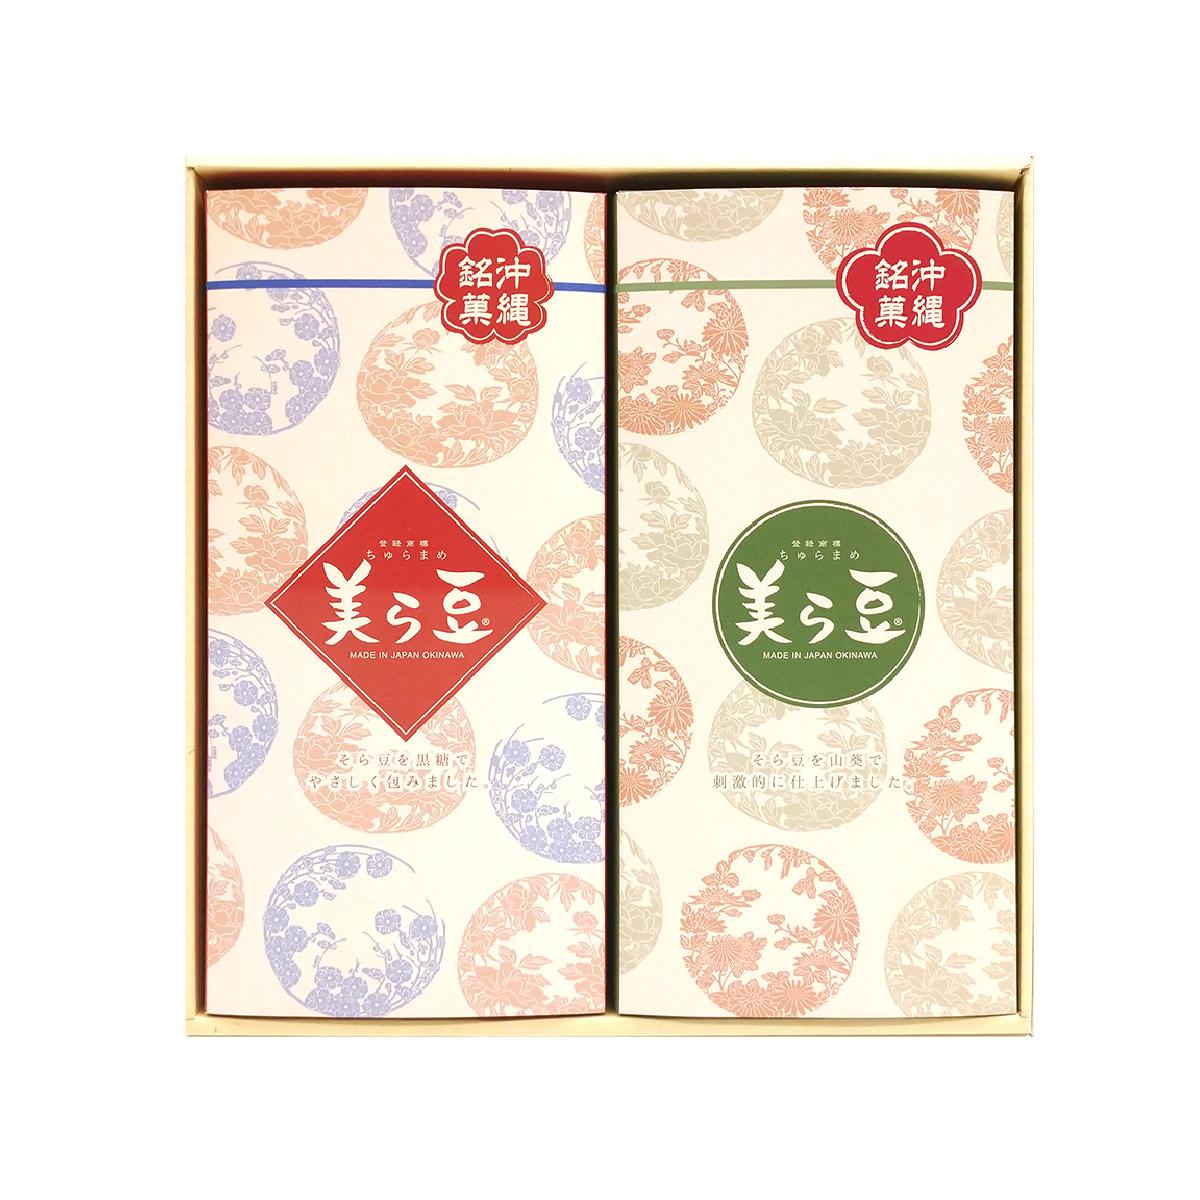 【ギフト】 美ら豆 2種ギフトセット (黒糖味10gx15袋+わさび味10gx15袋)  送料無料